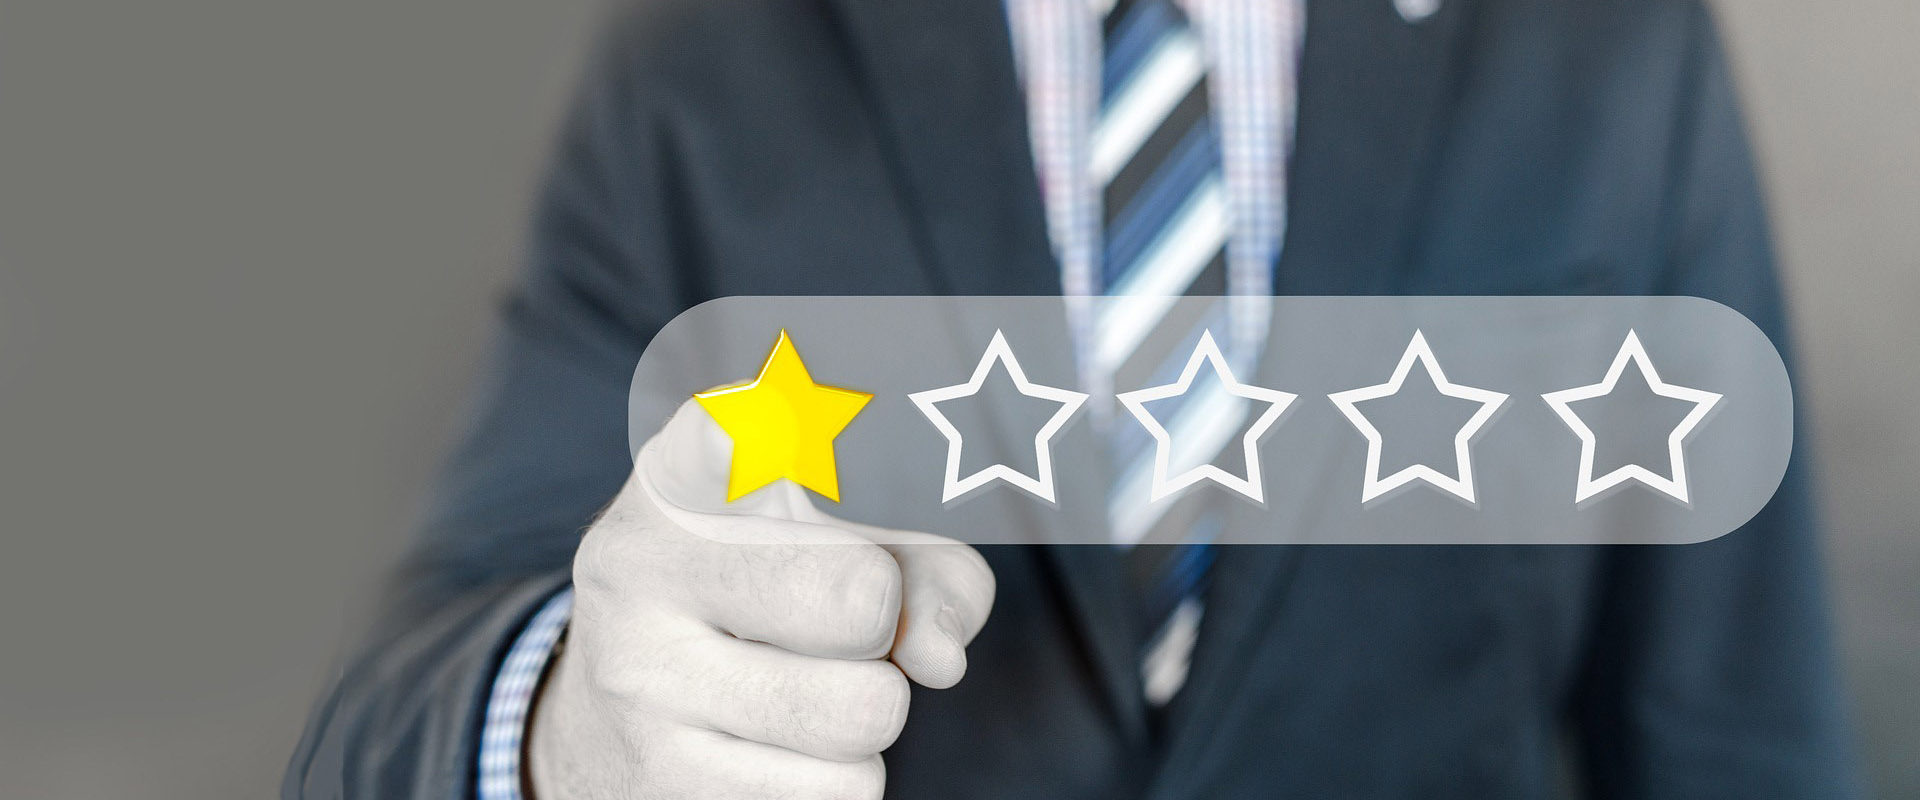 Permalink zu:So erkennen Sie relevante Bewertungen